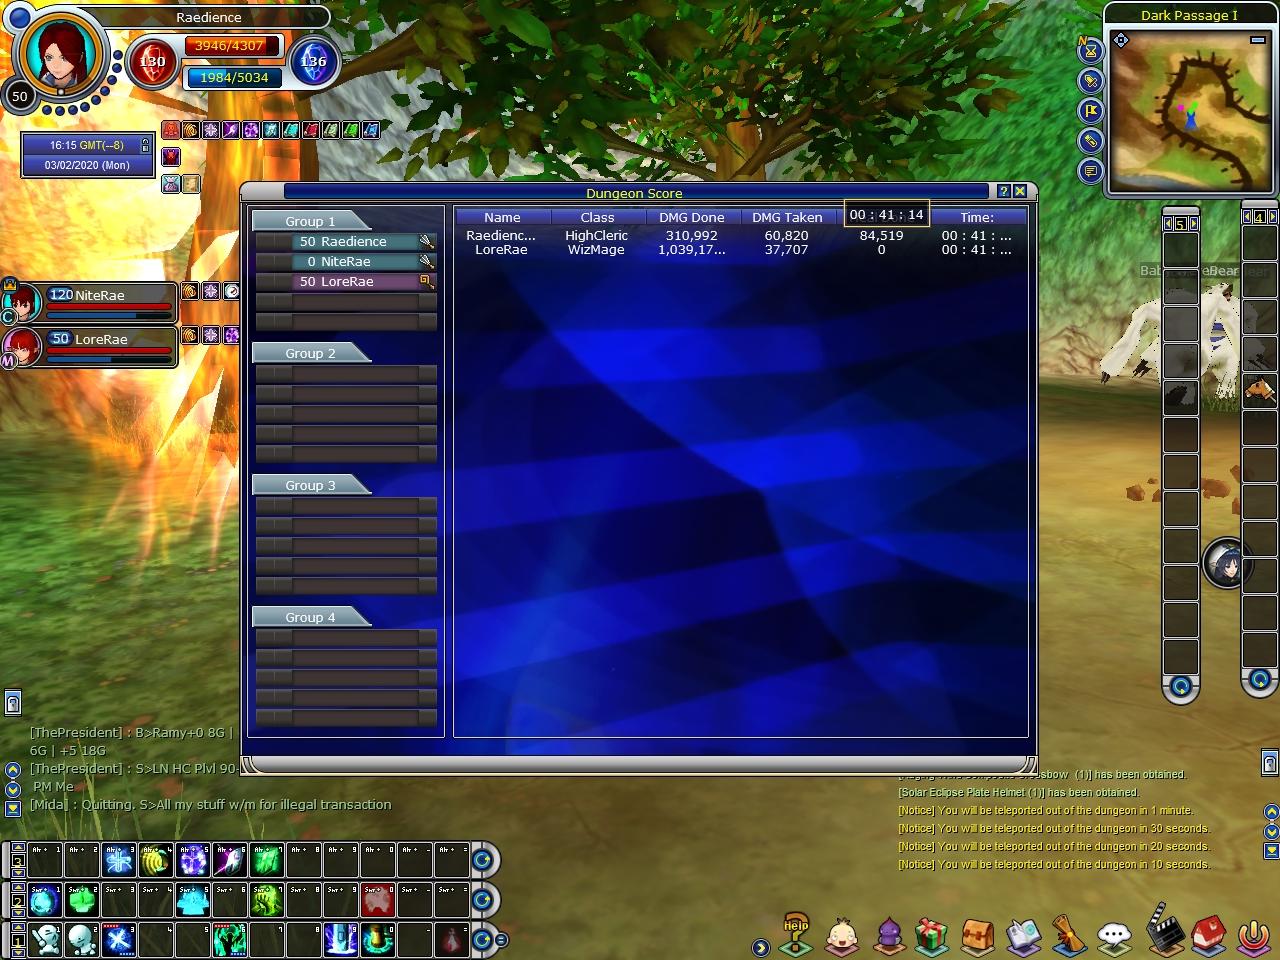 screenshot424.jpg